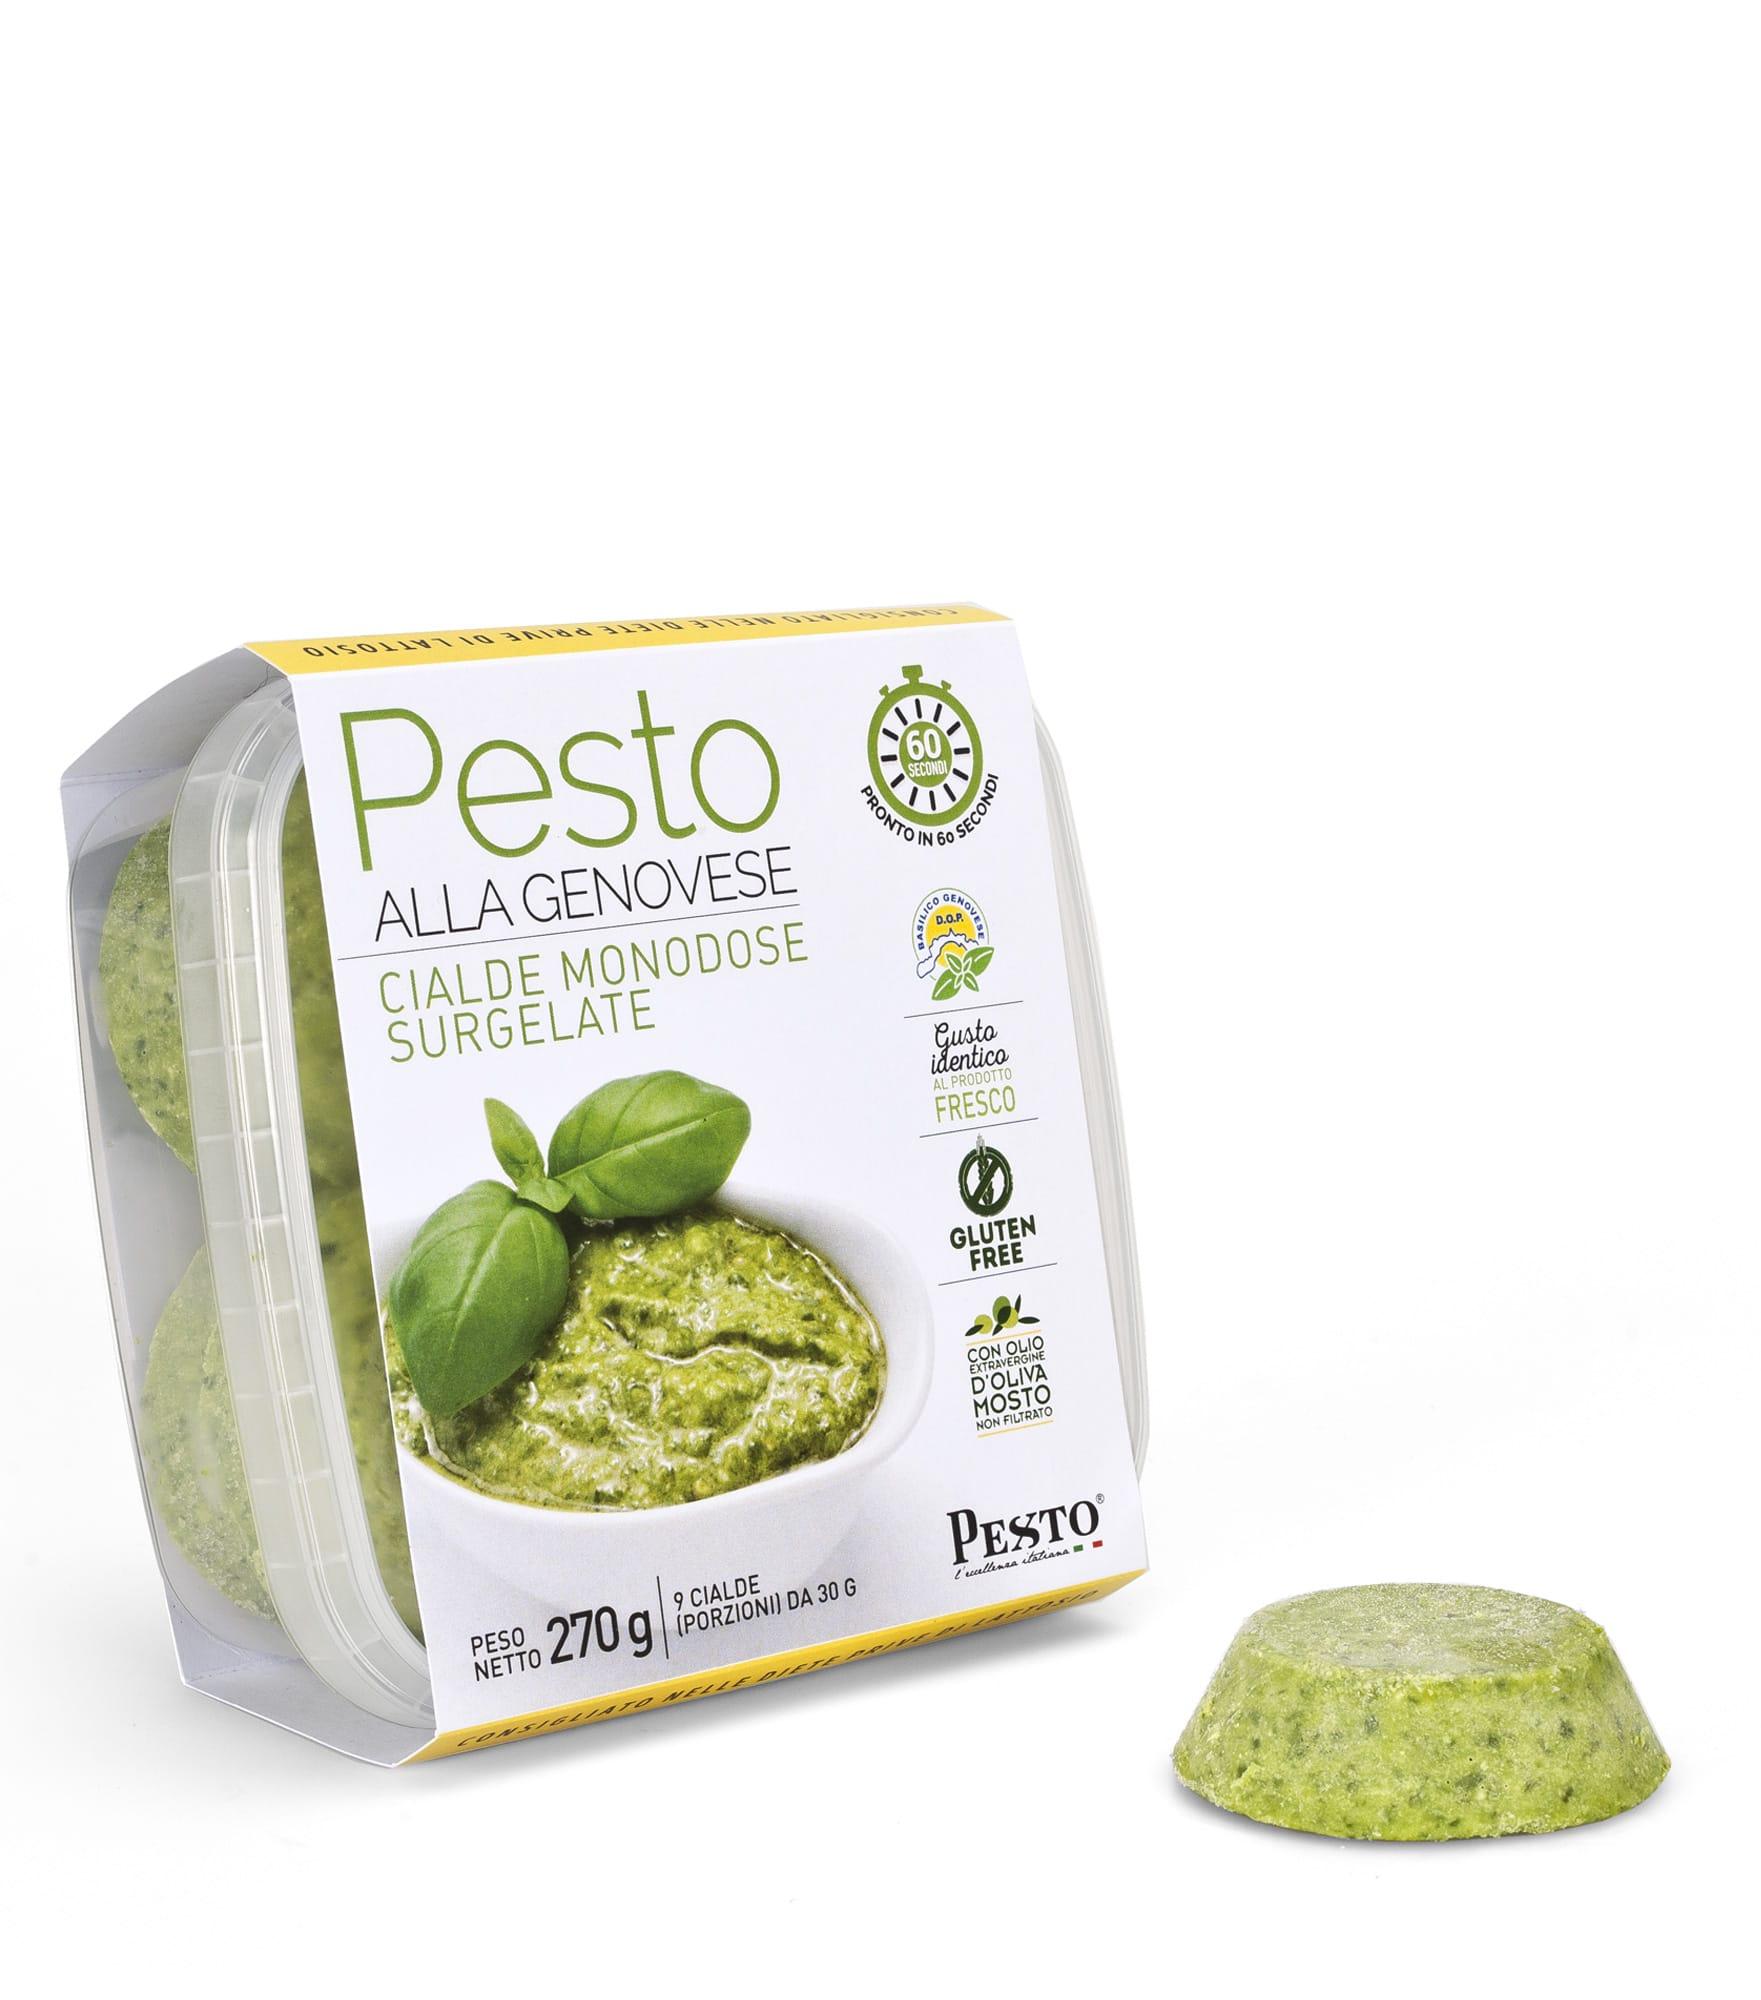 Pesto alla genovese surgelato in Cialde 270 gr